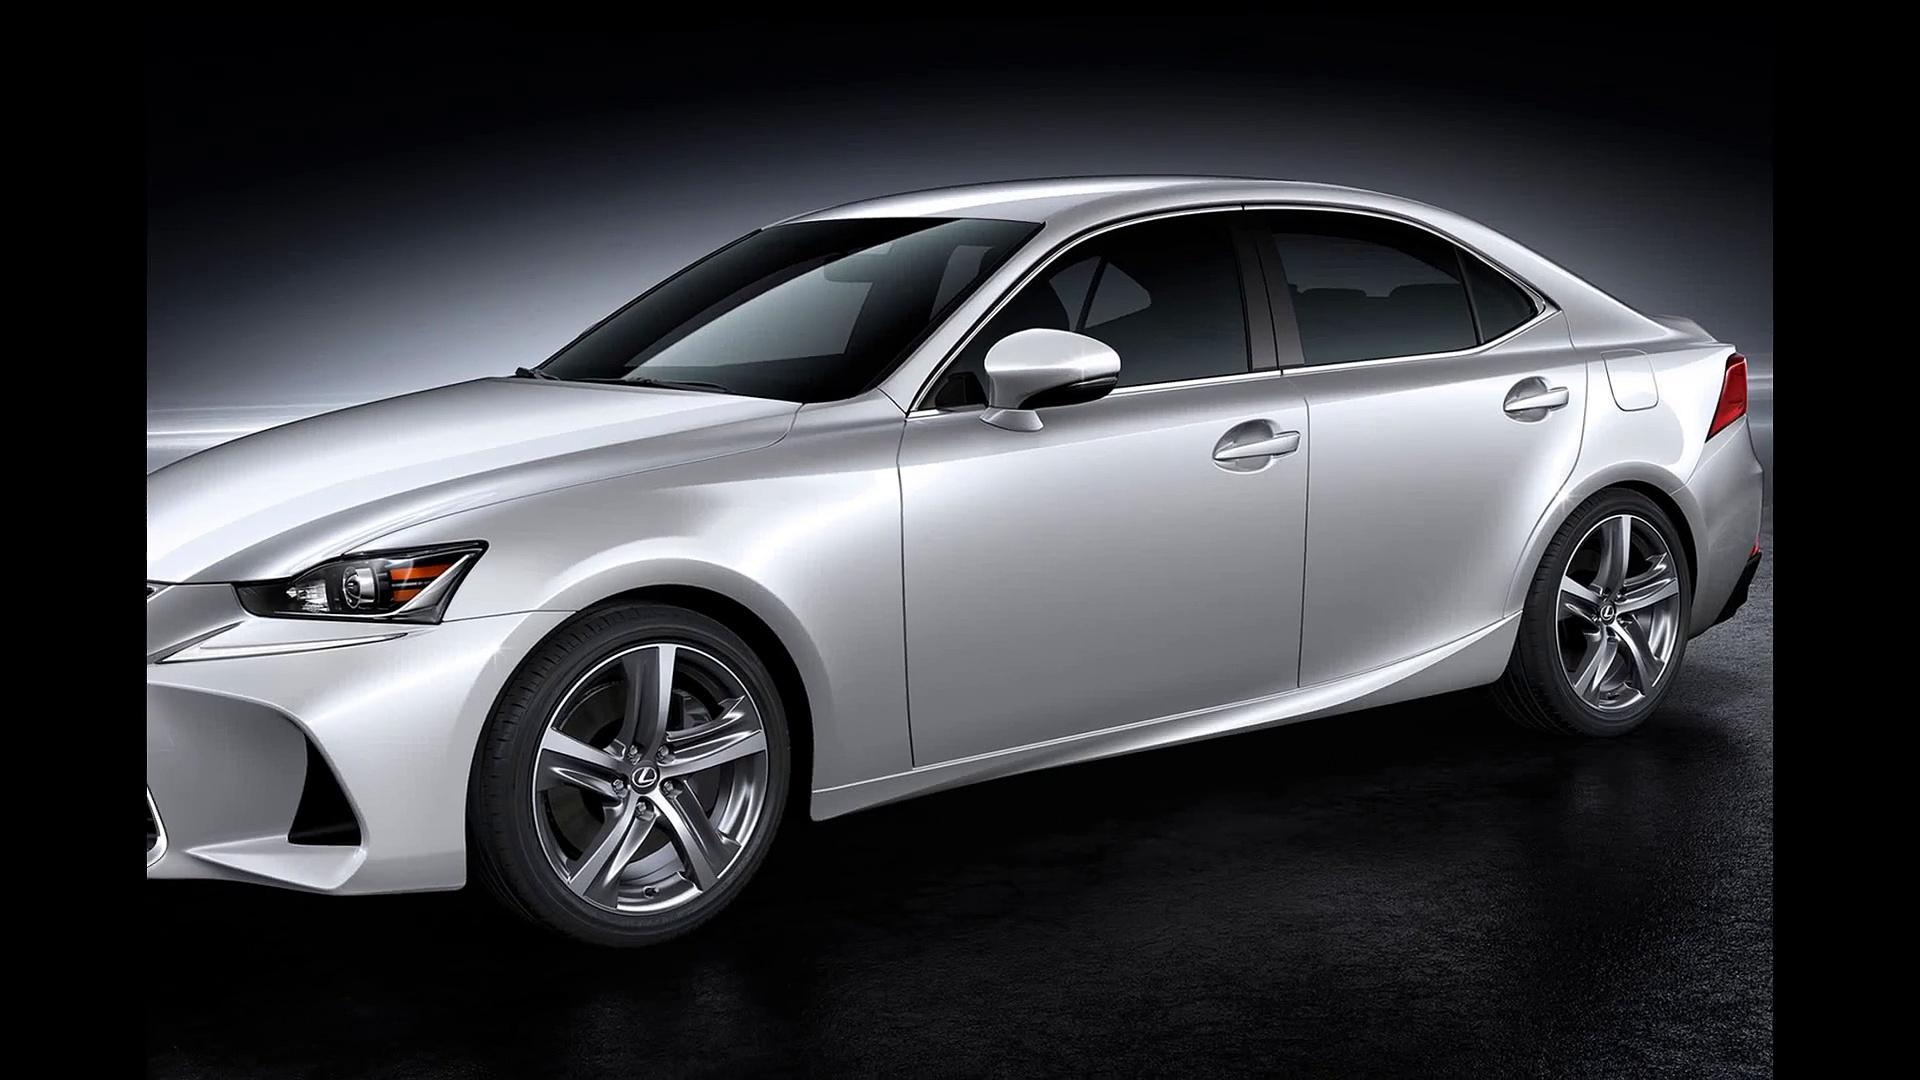 Lexus lx 570 – http—lexus-vietnam.com.vn